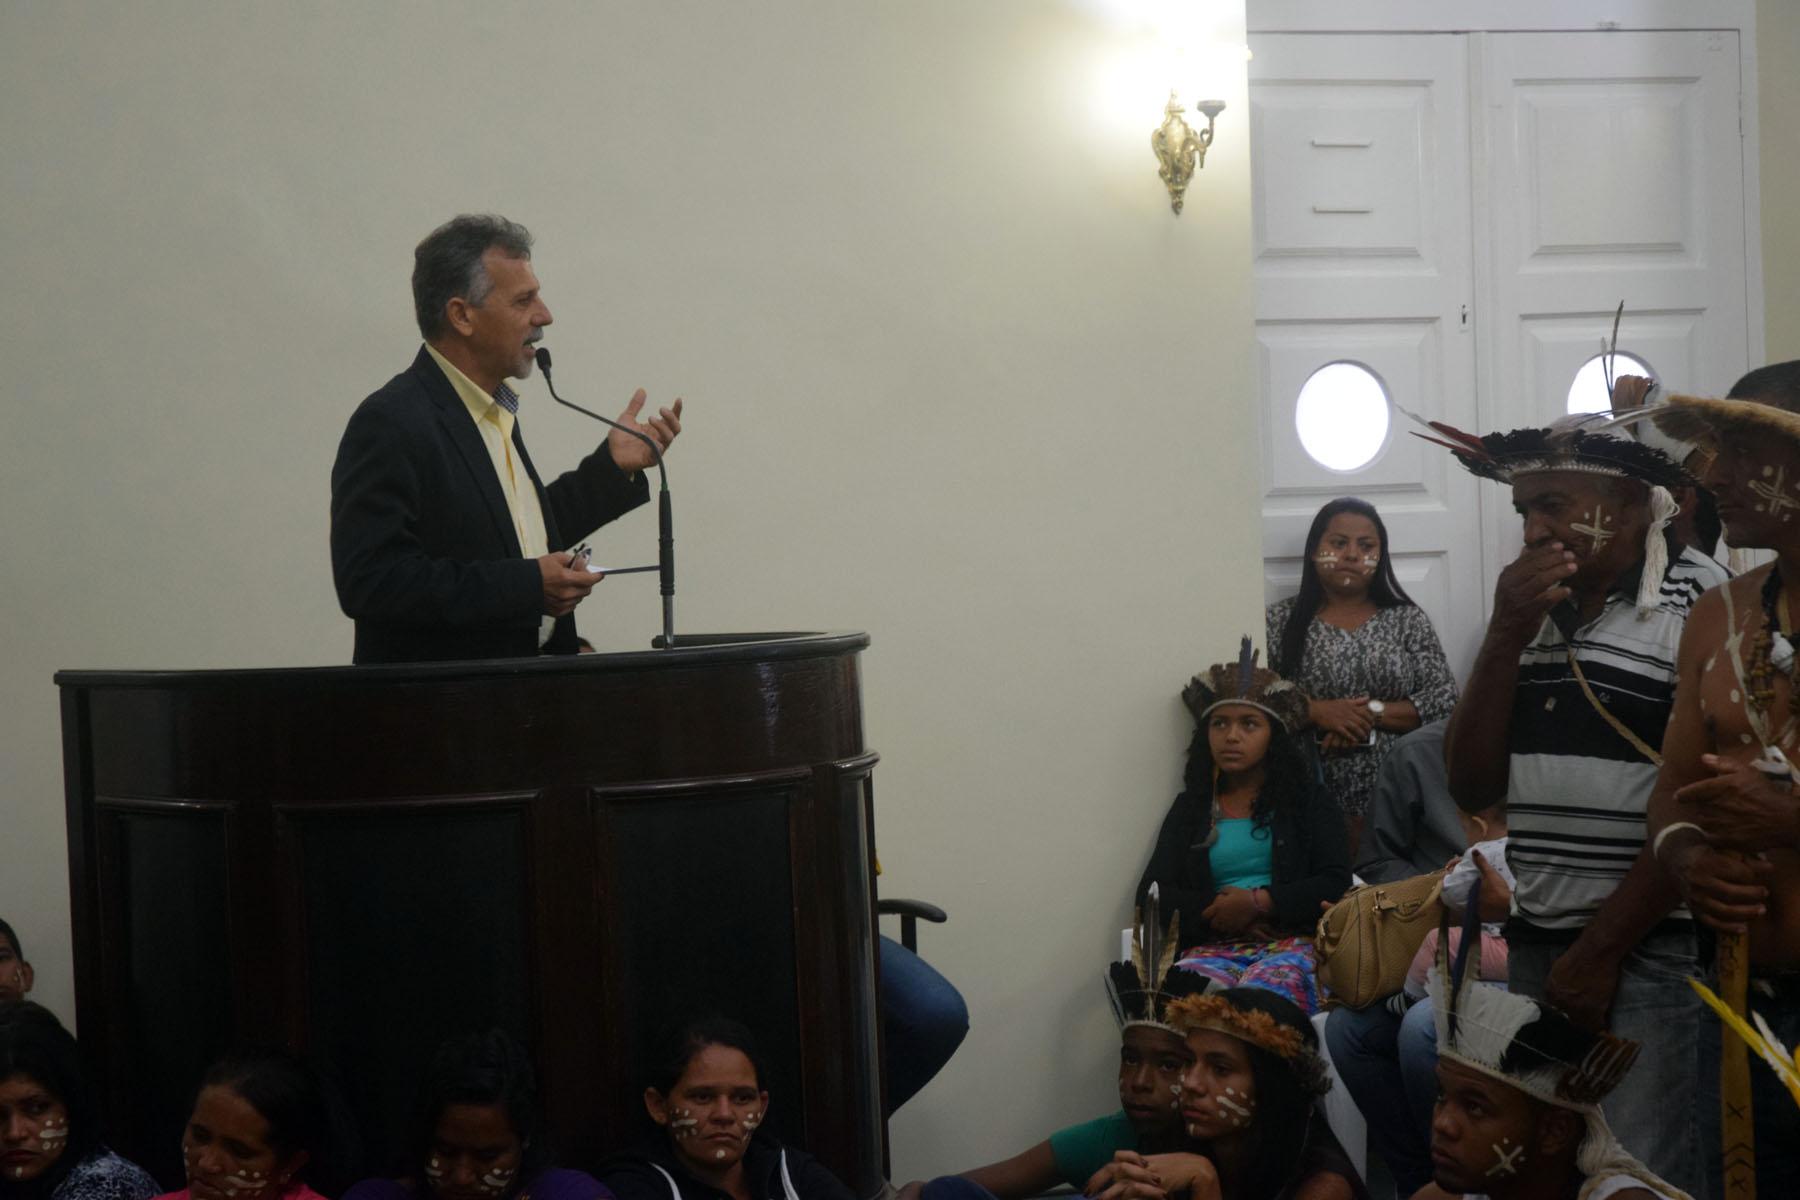 Audiência Pública debate situação dos povos indígenas em Alagoas 6.jpg